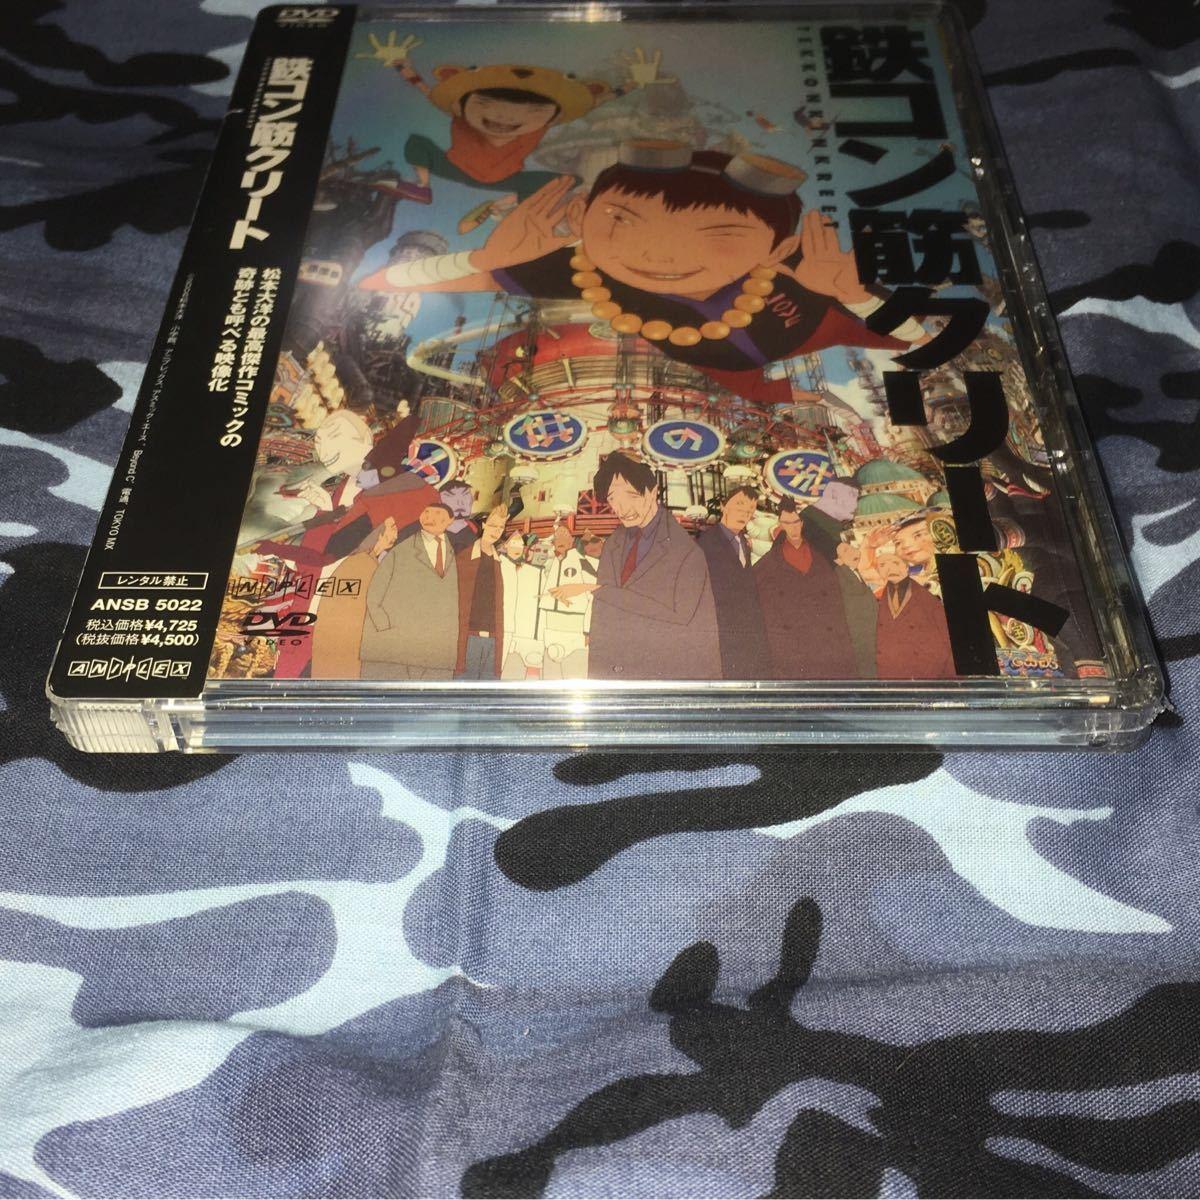 鉄コン筋クリート 通常版 DVD 未開封 送料無料 匿名配送